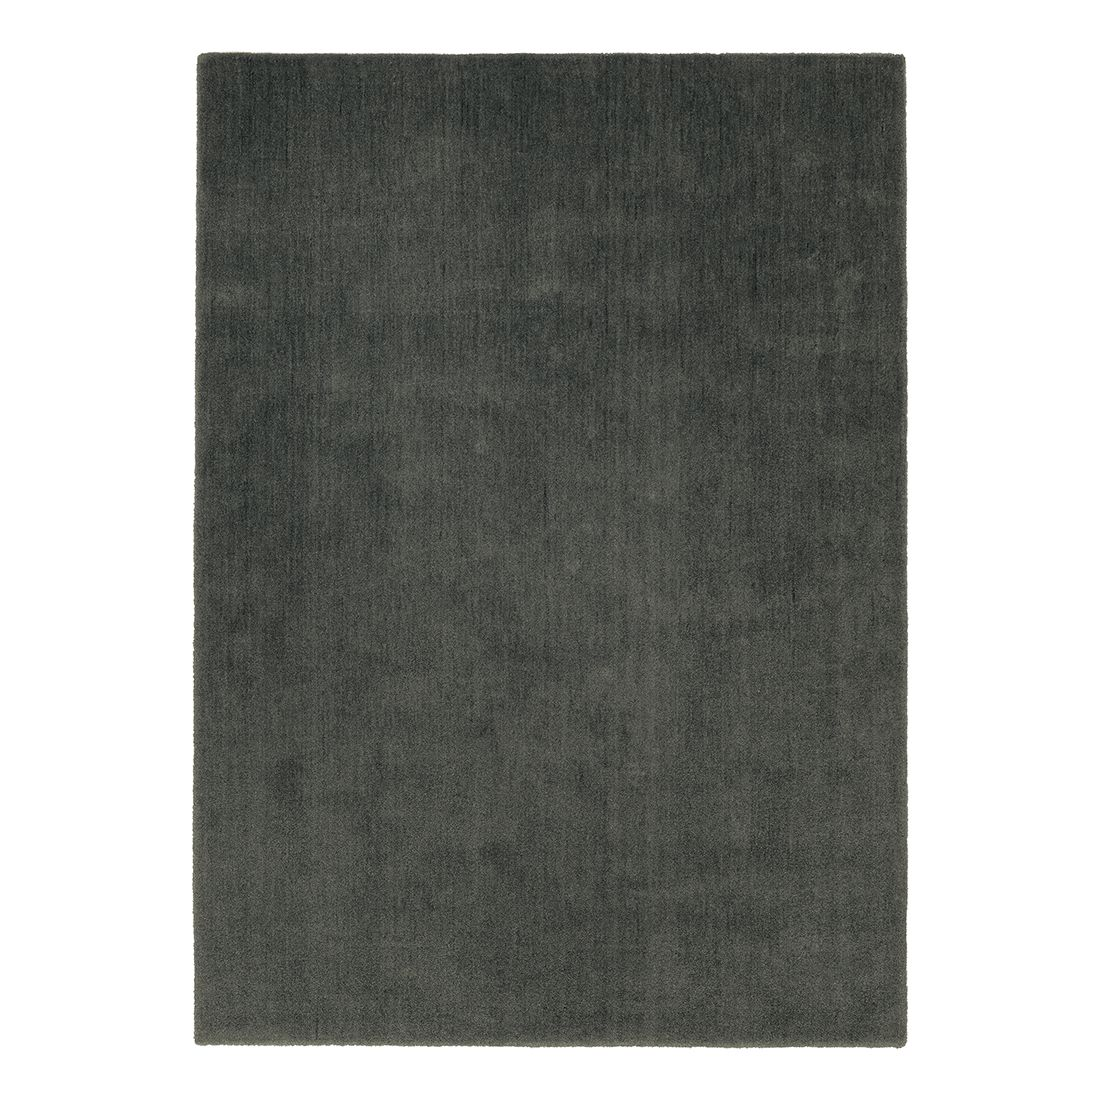 Tapijt Victoria I - grijs - 170x240cm, Schöner Wohnen Kollektion